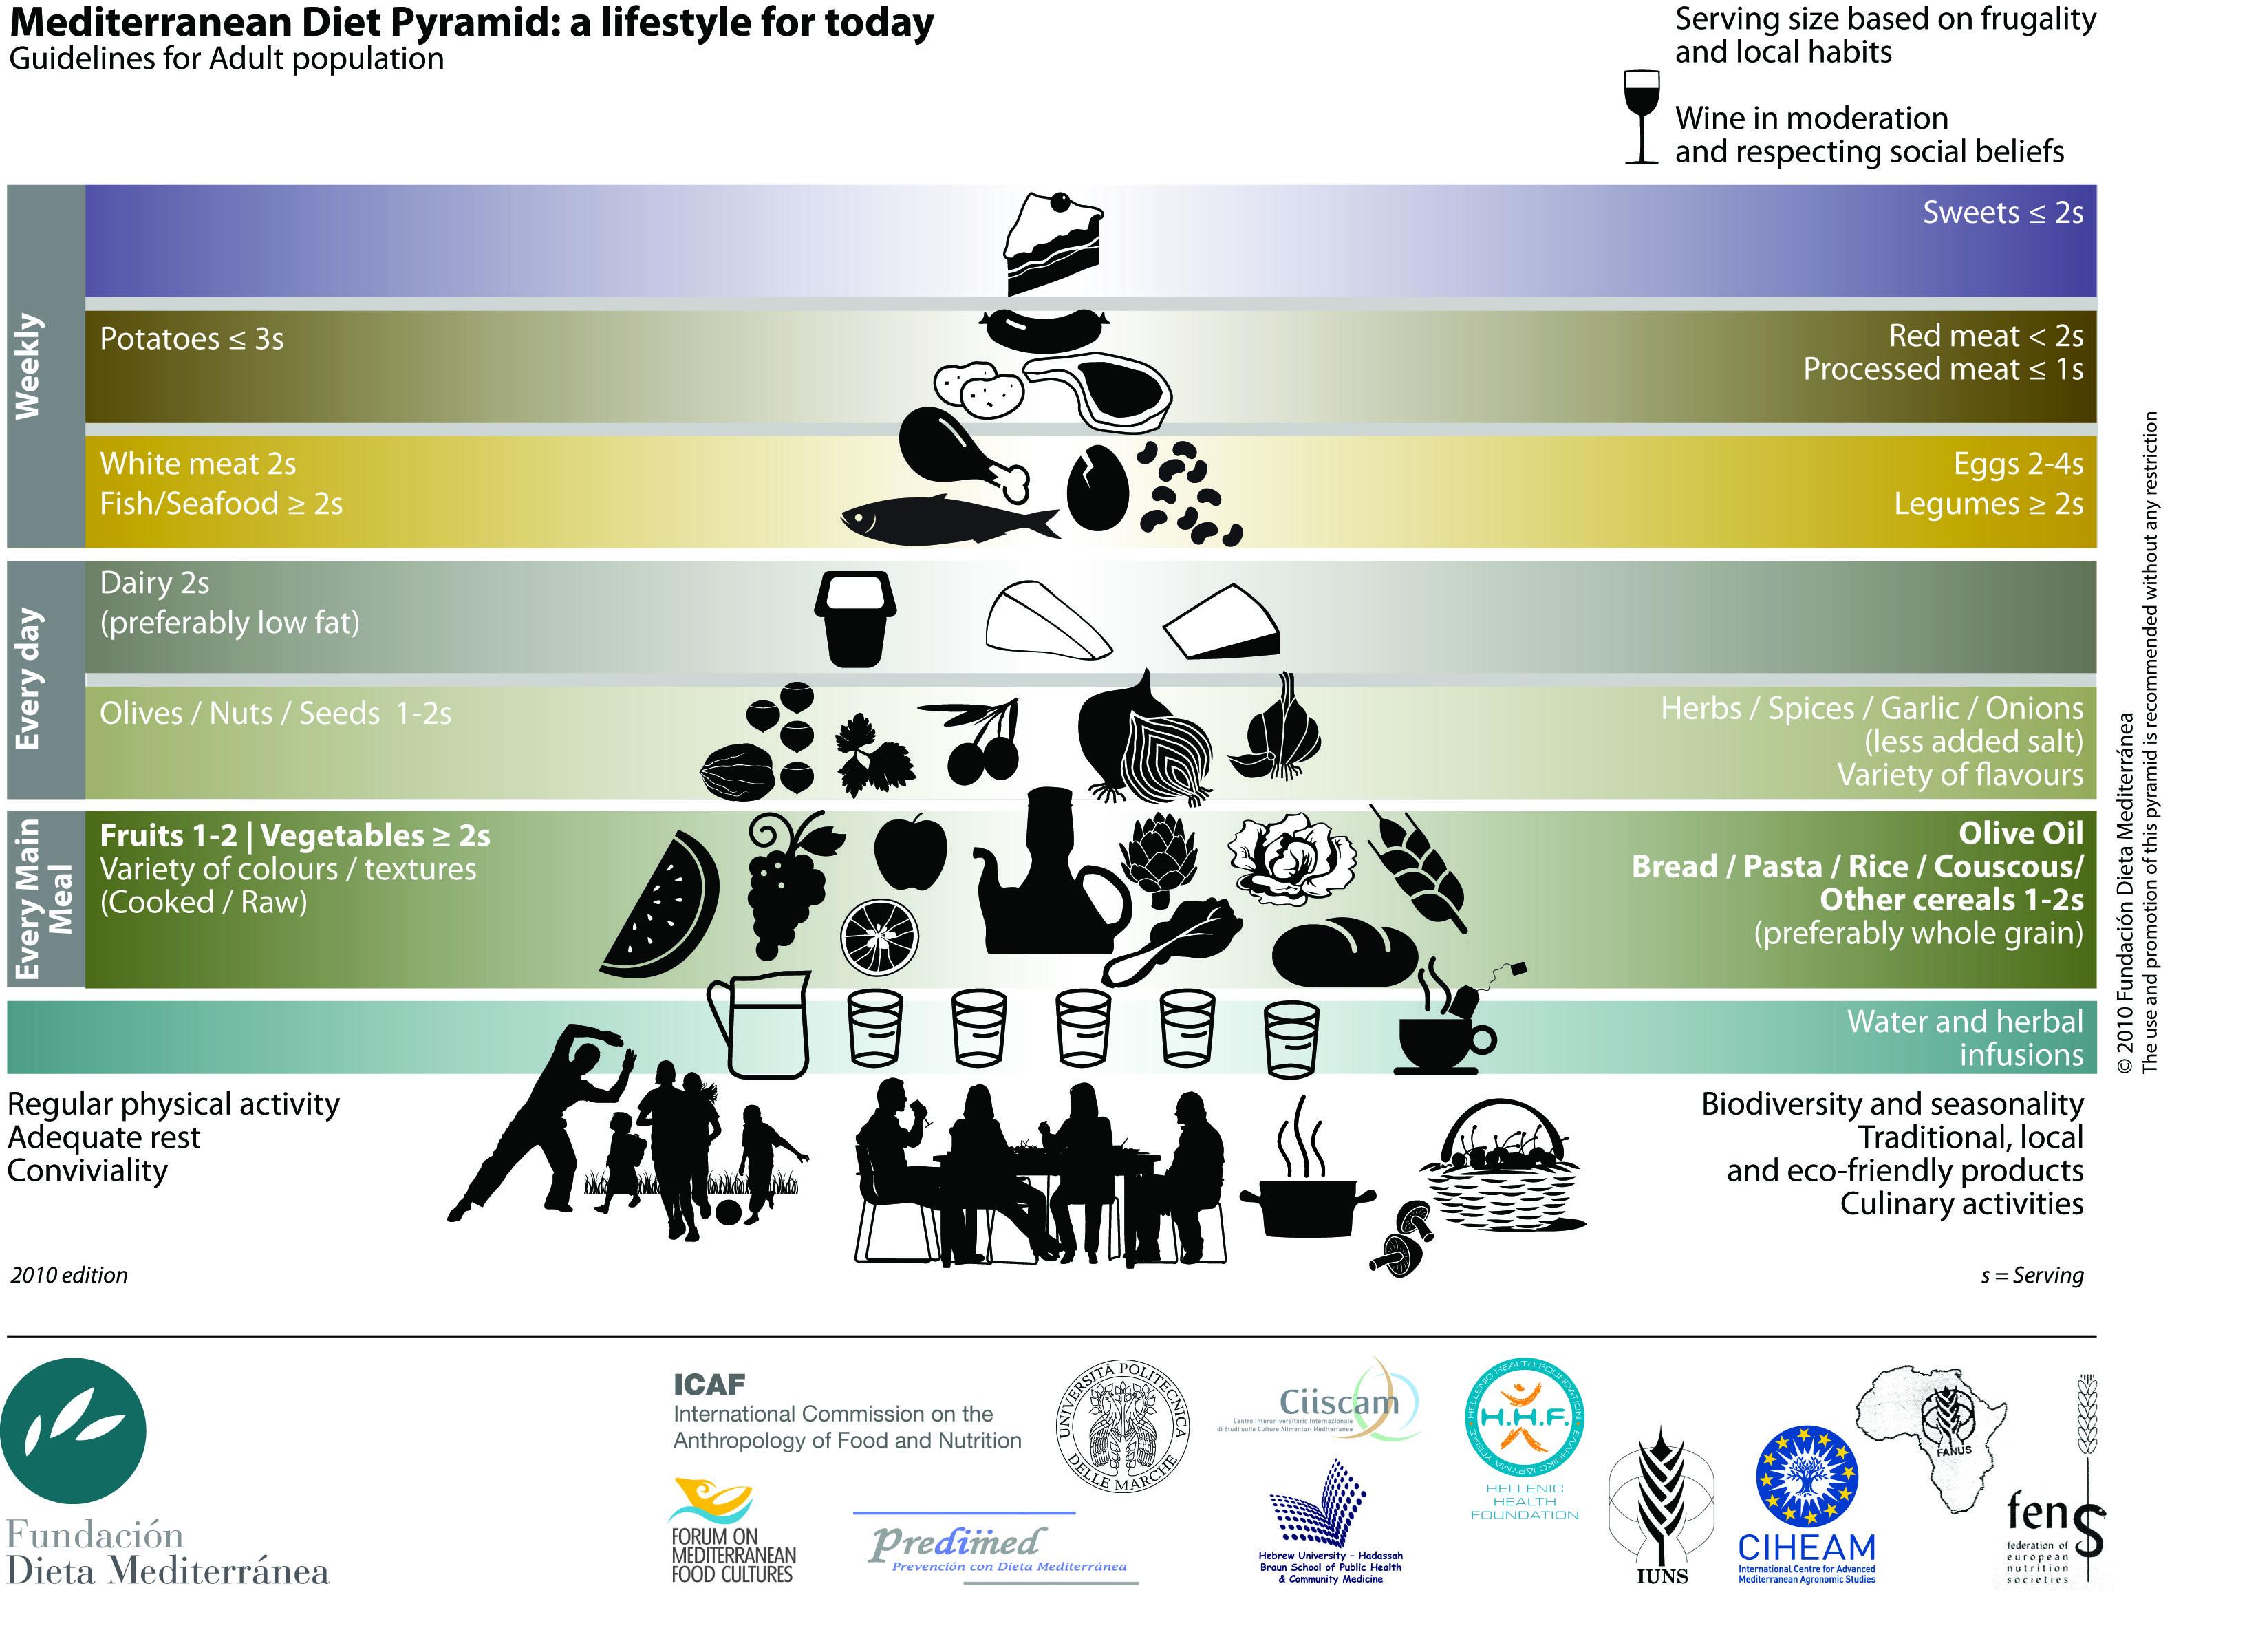 piramide_dieta mediterranea